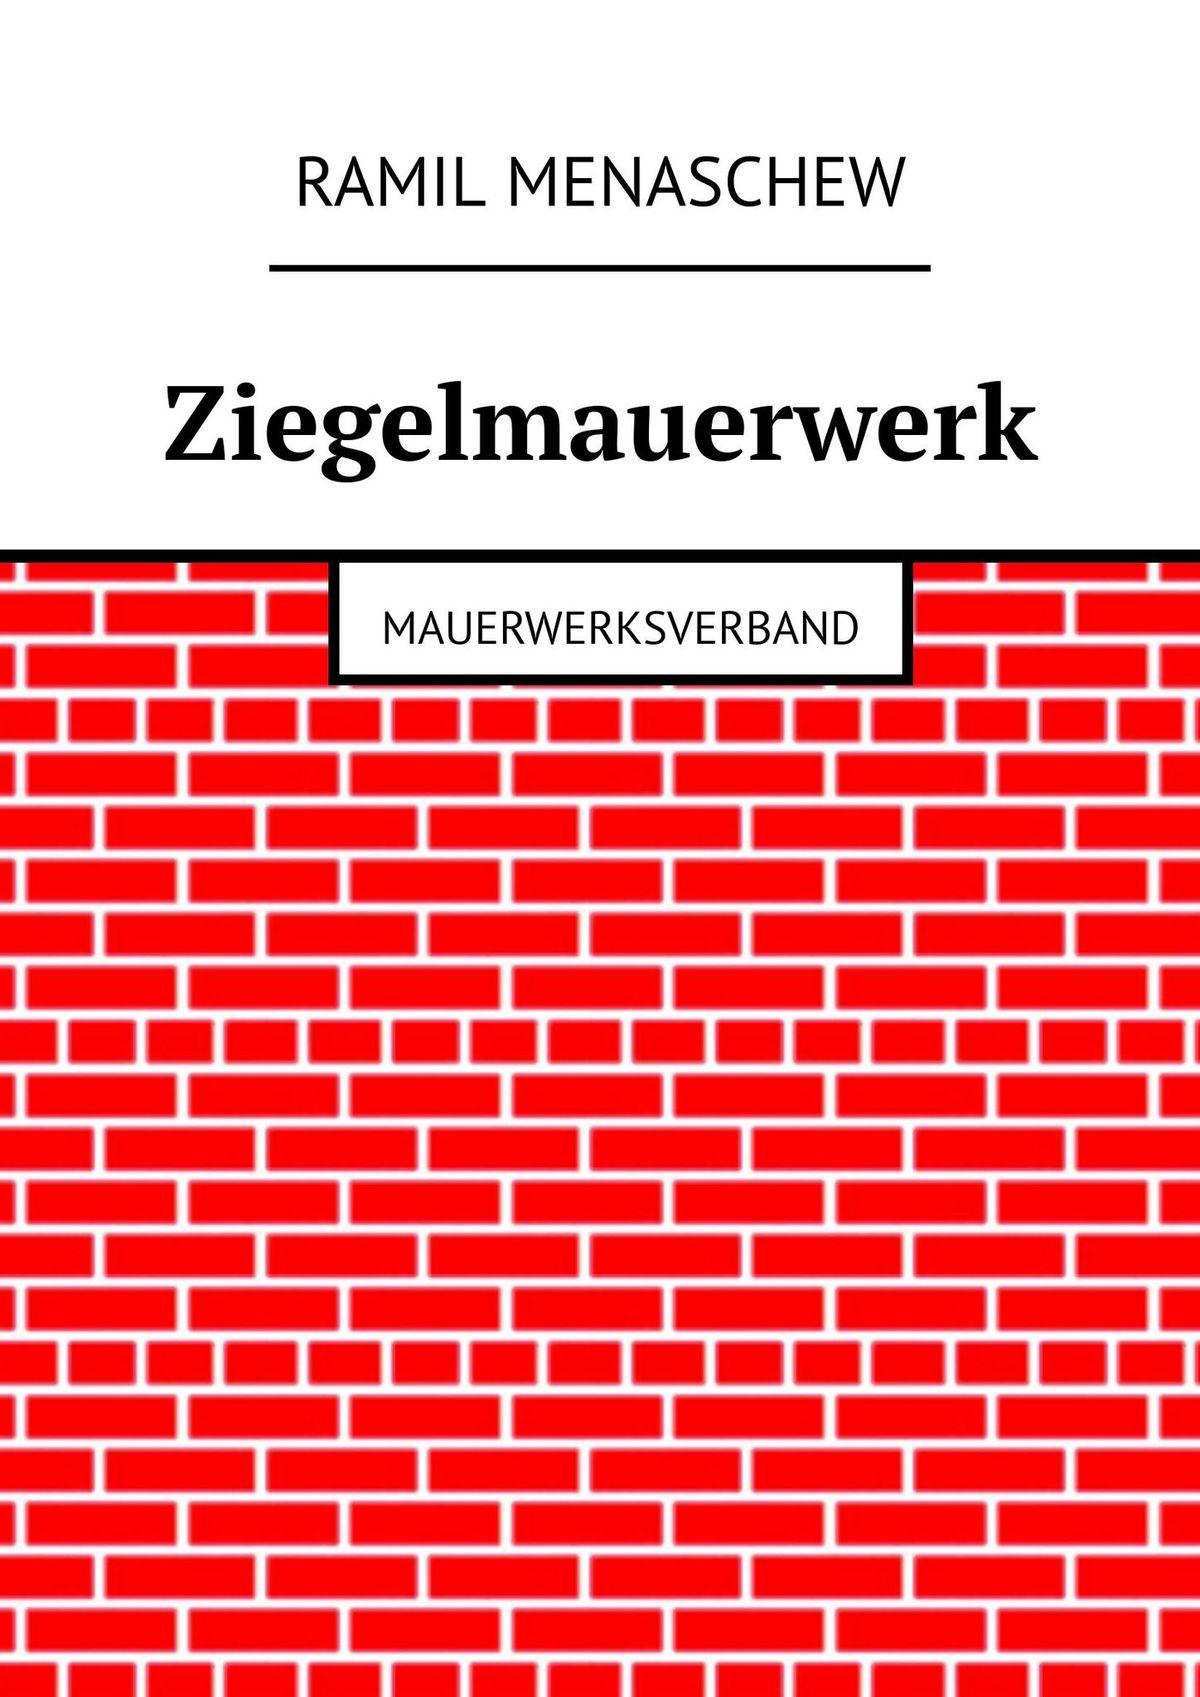 Ramil Menaschew Ziegelmauerwerk. Mauerwerksverband